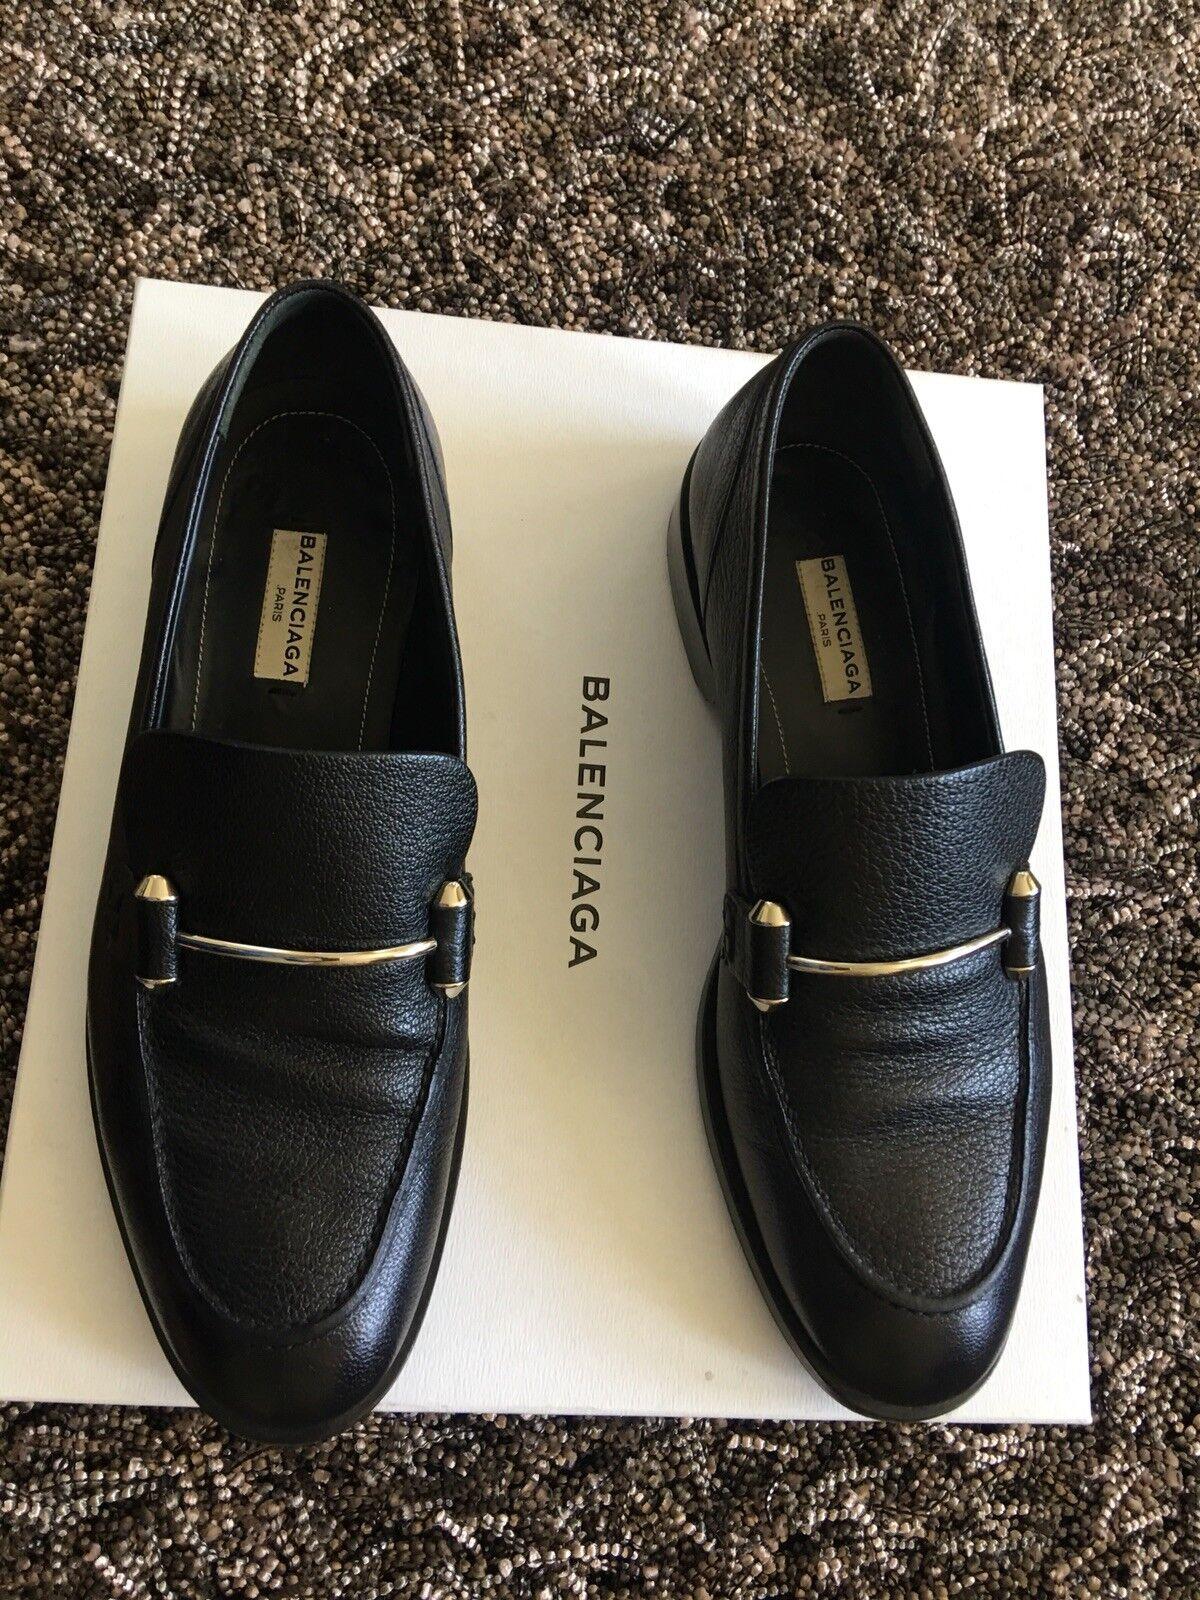 BALENCIAGA chèvre noire noire noire en cuir Italie Mocassin Chaussures Pour Femme EU 39 us 8-8.5 MP 795   154569